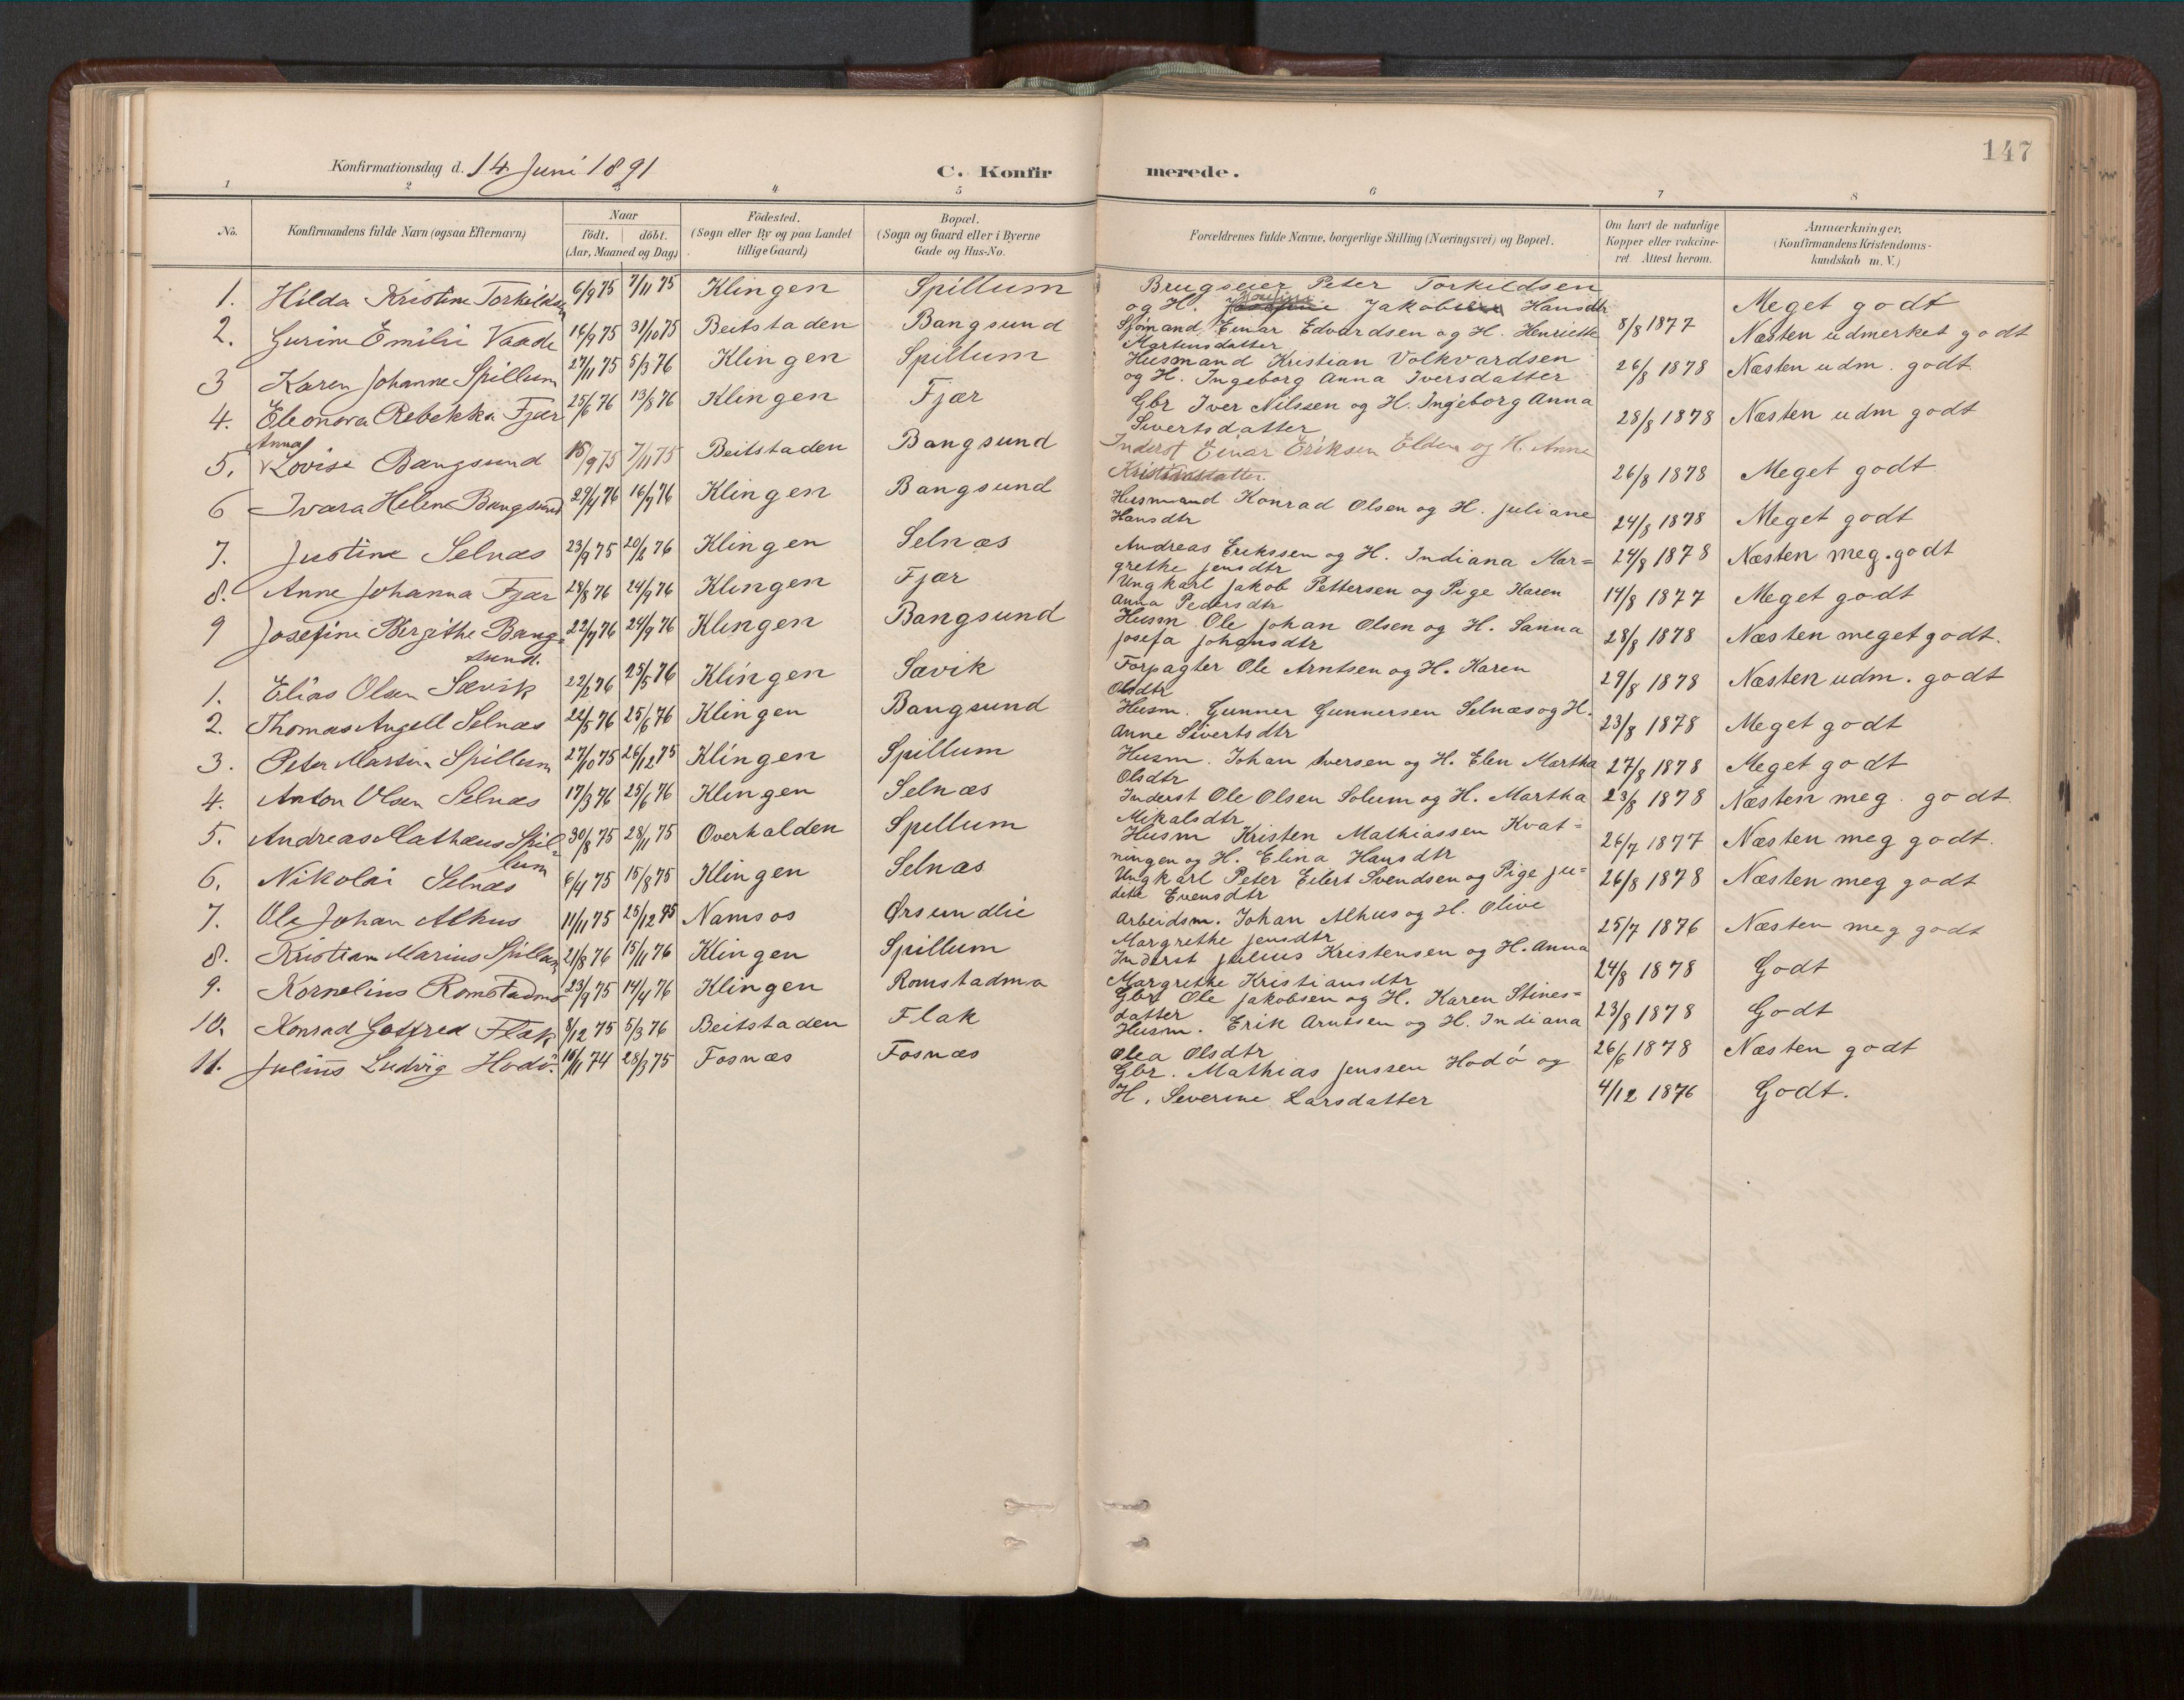 SAT, Ministerialprotokoller, klokkerbøker og fødselsregistre - Nord-Trøndelag, 770/L0589: Ministerialbok nr. 770A03, 1887-1929, s. 147